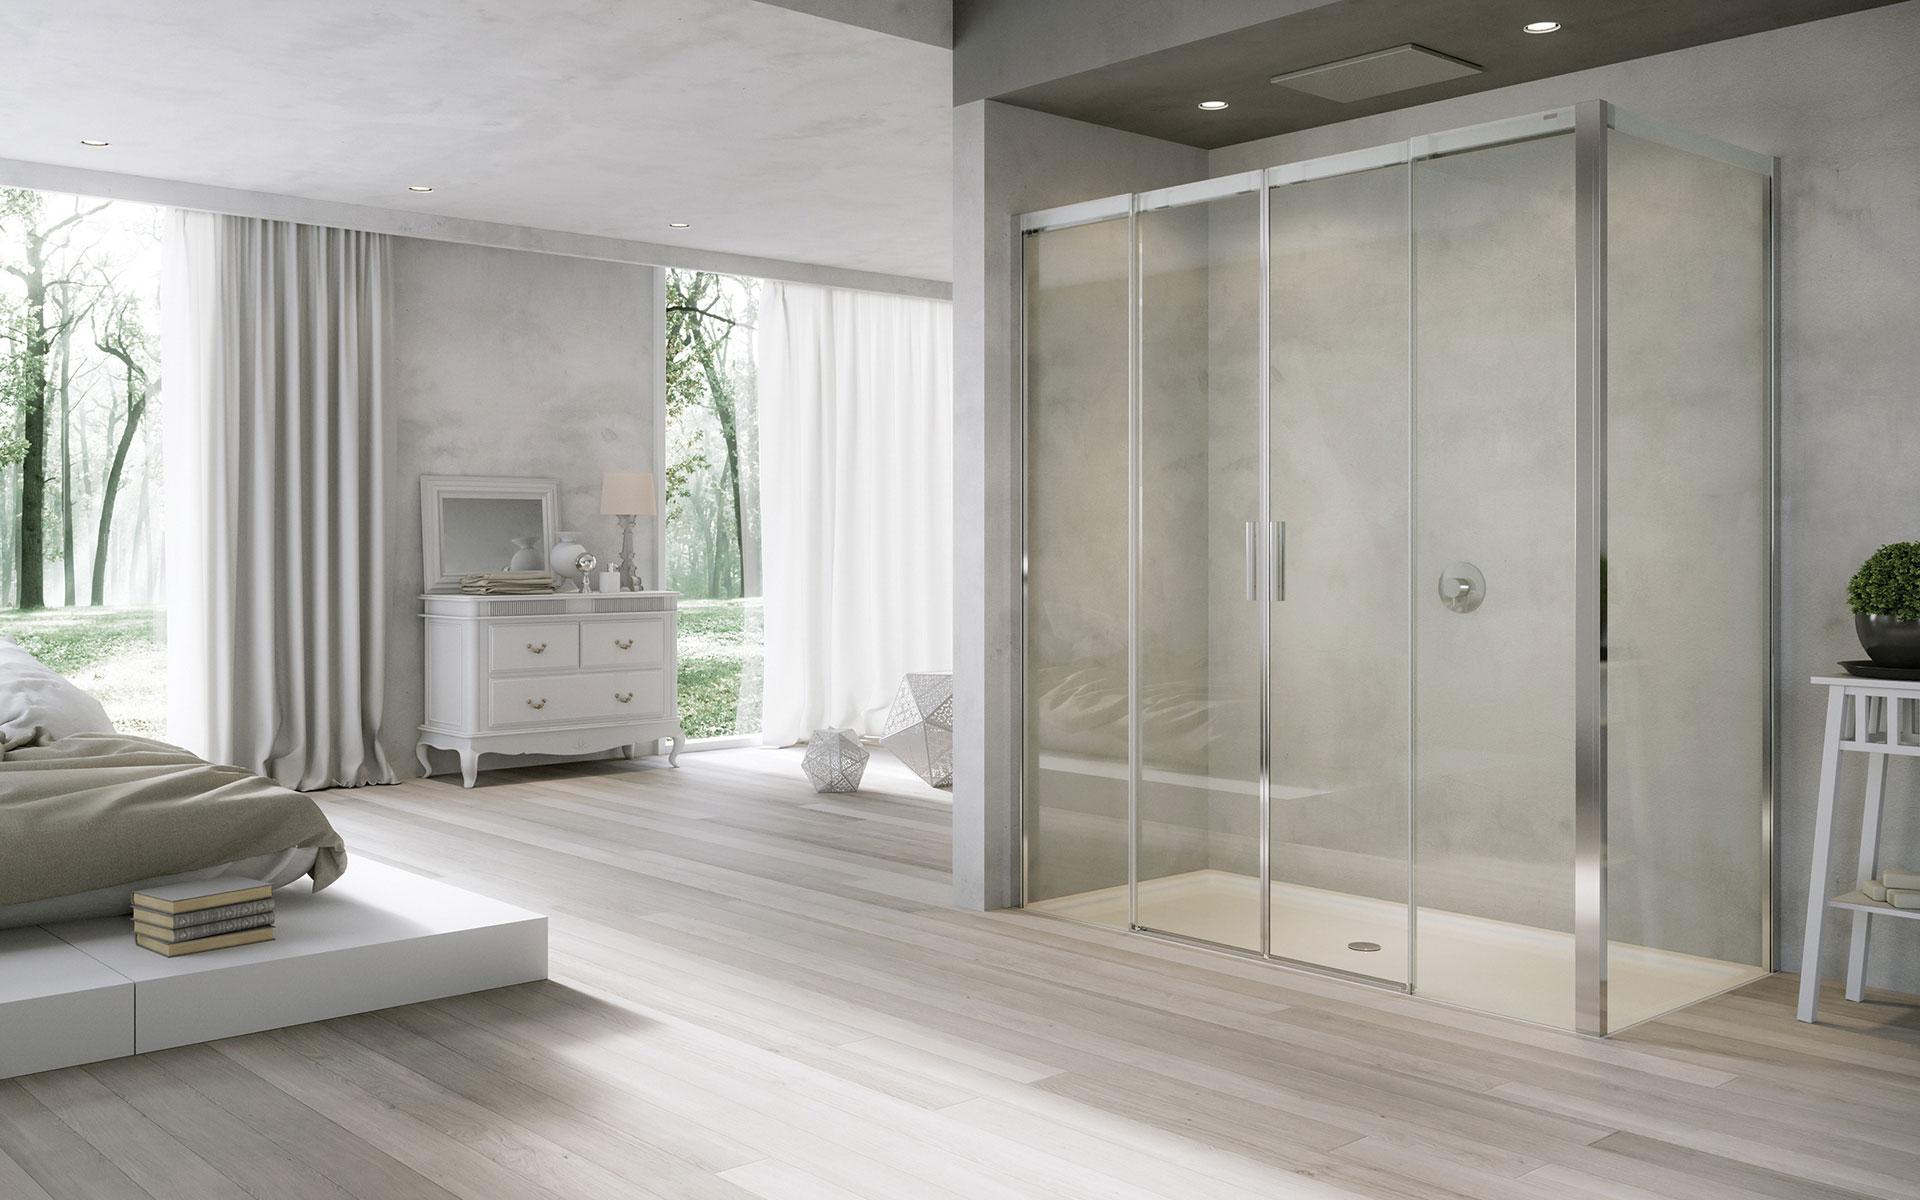 Badkamers en sanitair - Kremer Keukens | Showroom opruiming